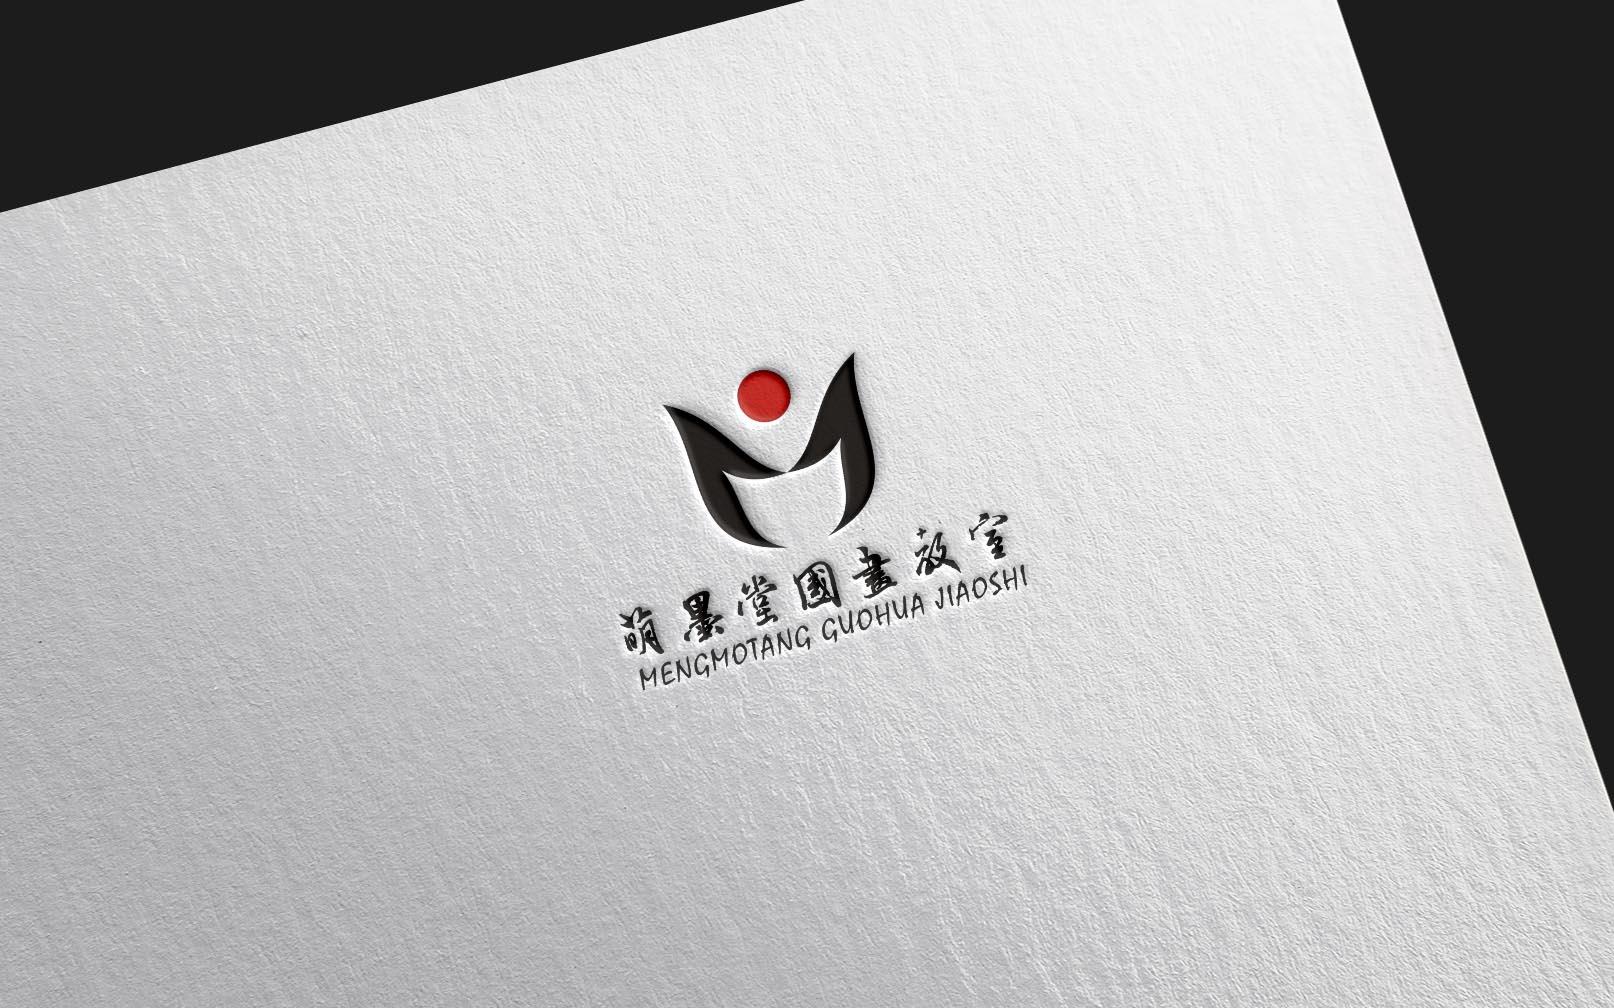 萌墨堂国画教室征集标志_3021685_k68威客网